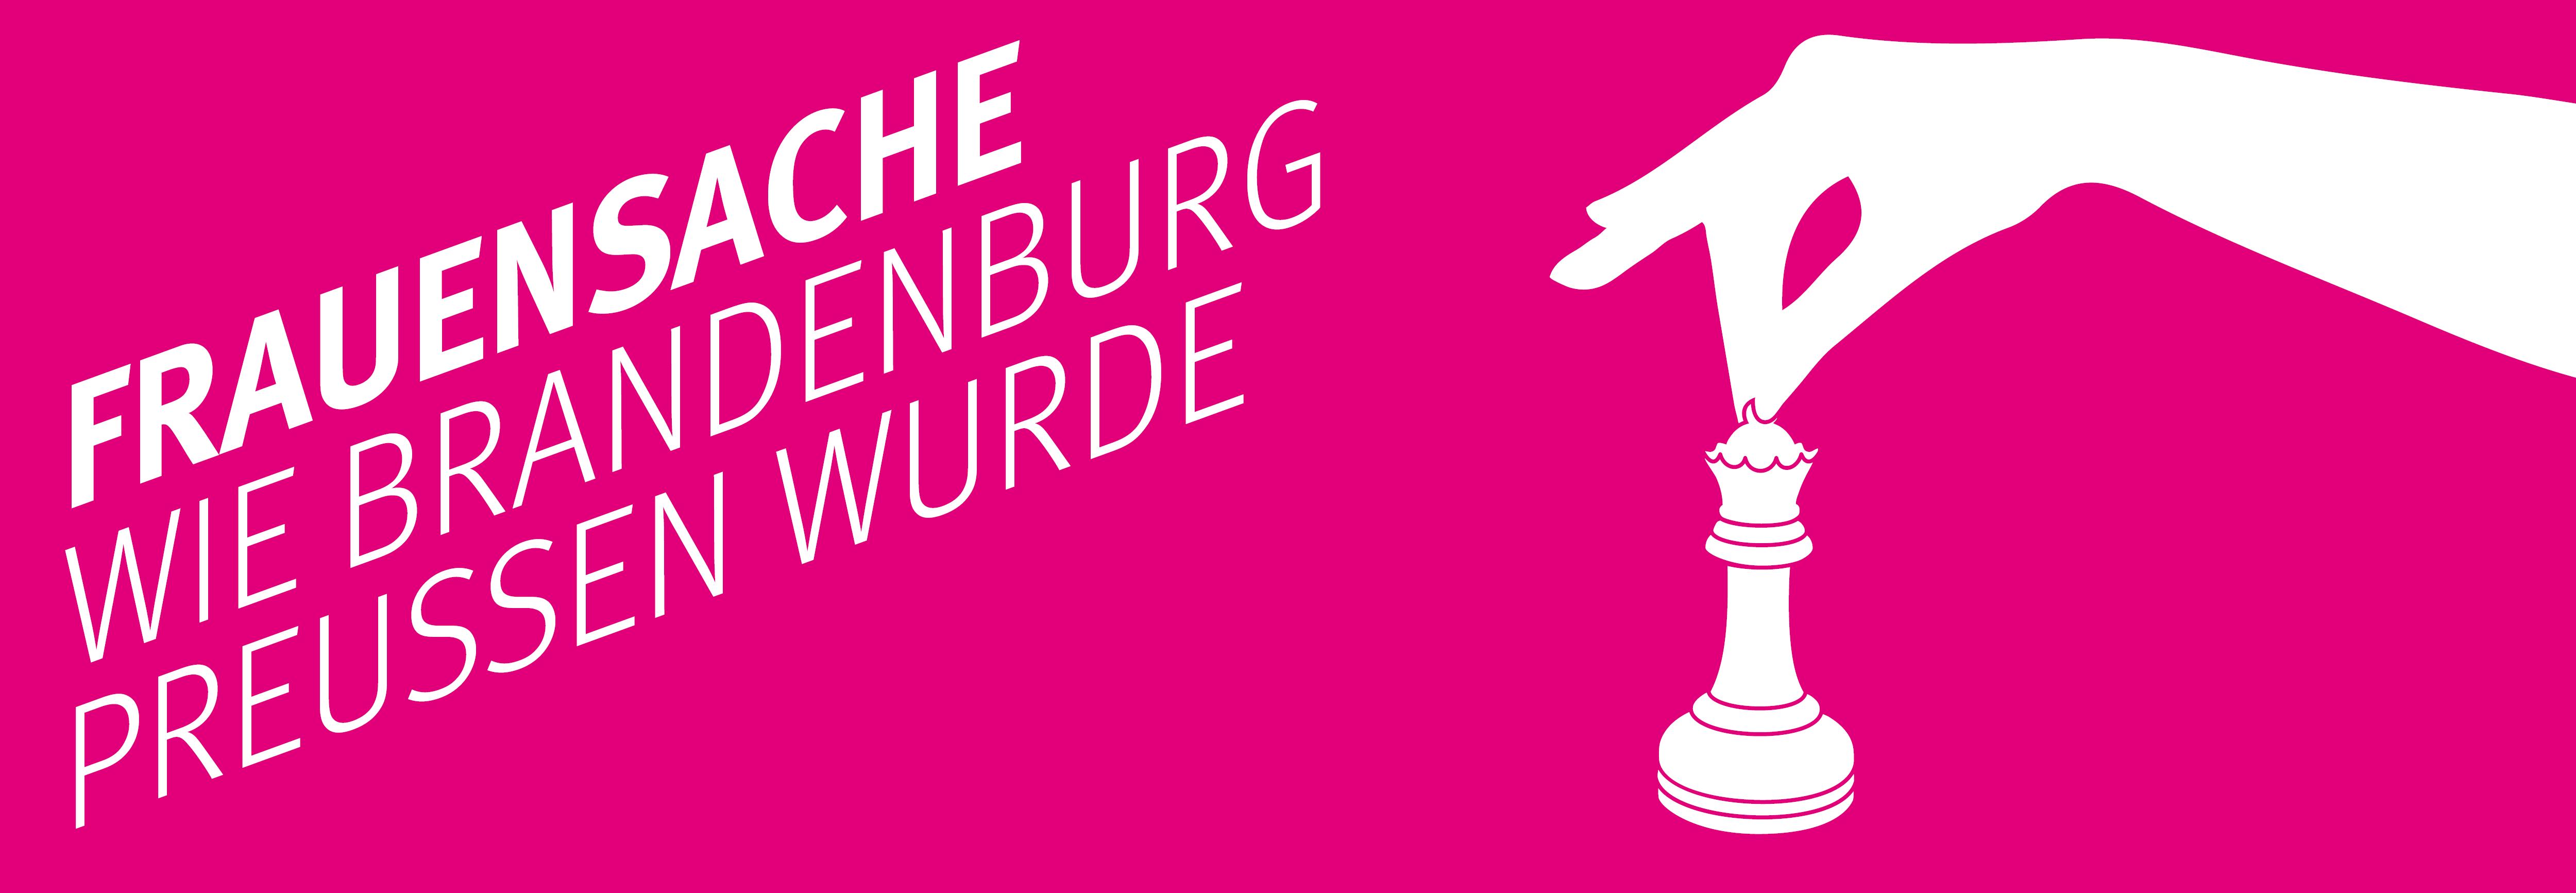 AKTUELLES > Ausstellungen > Ausstellung > FRAUENSACHE: Stiftung ...